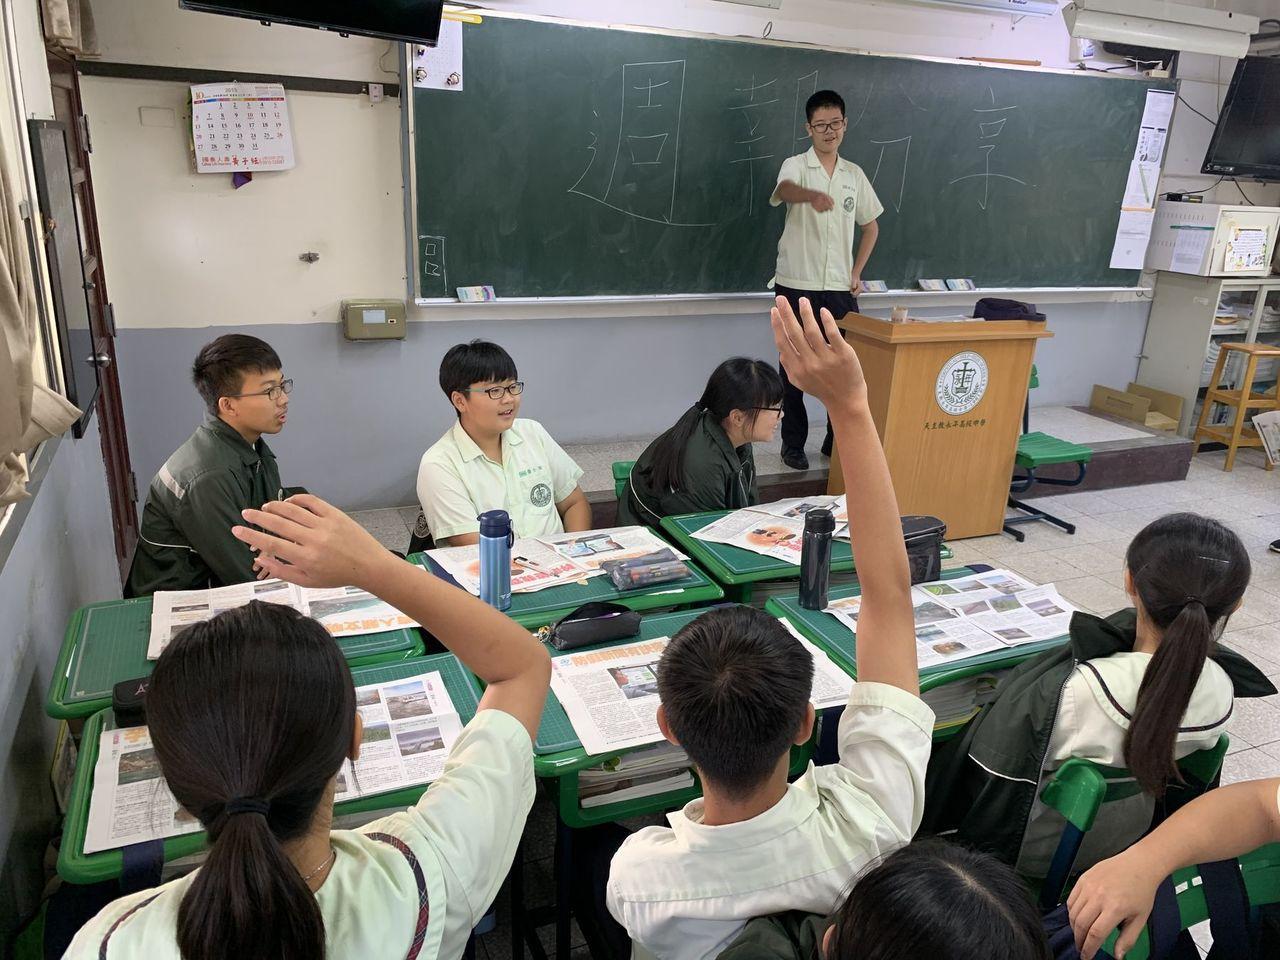 雲林縣永年中學國中部學生課堂上熱烈討論《好讀》內容。圖/永年中學提供